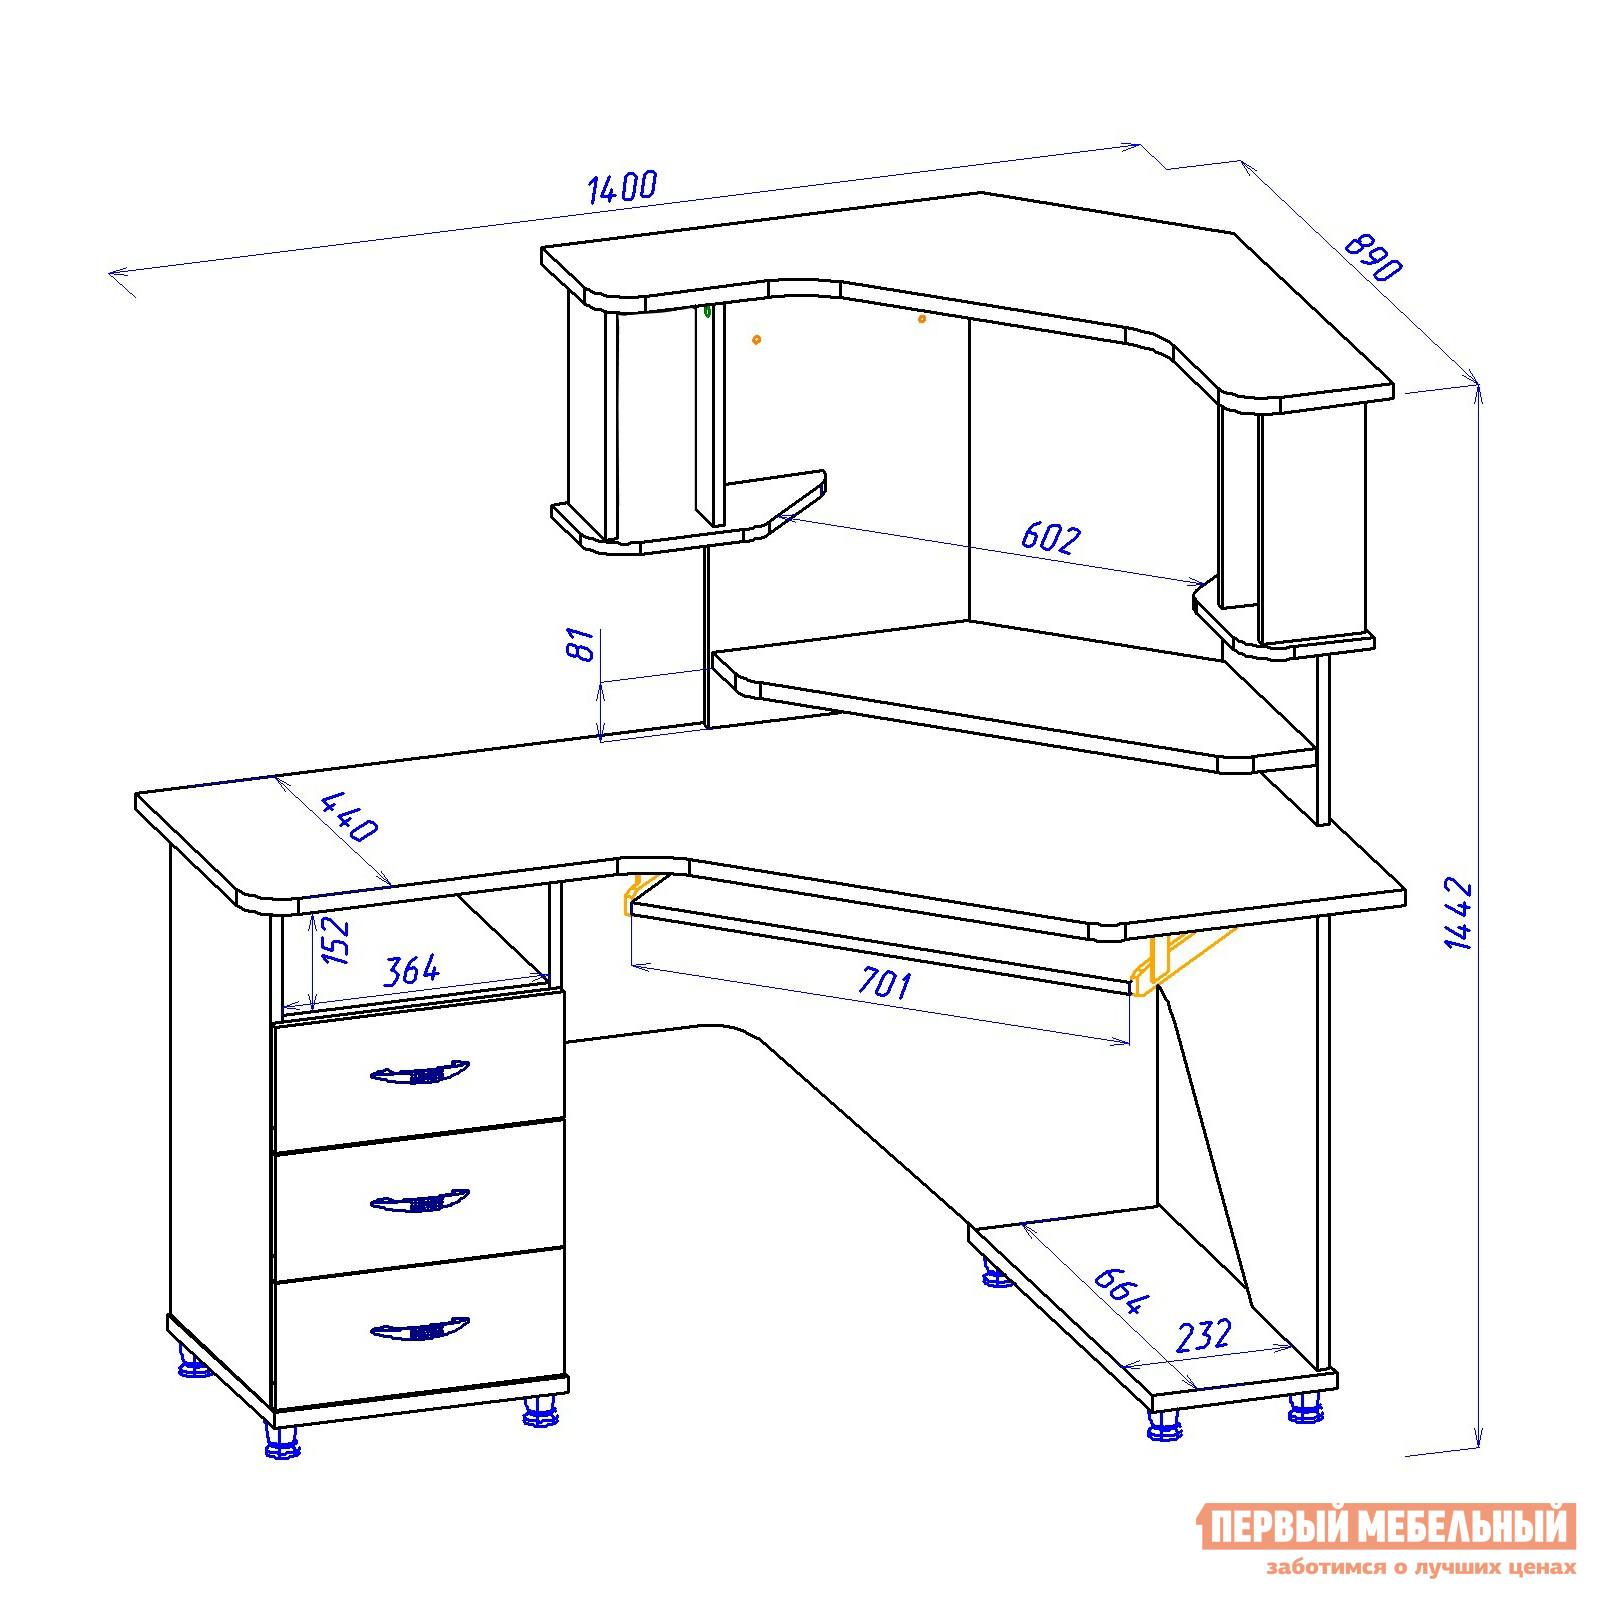 Угловой компьютерный стол кс 20-18 м2 - угловой компьютерный.